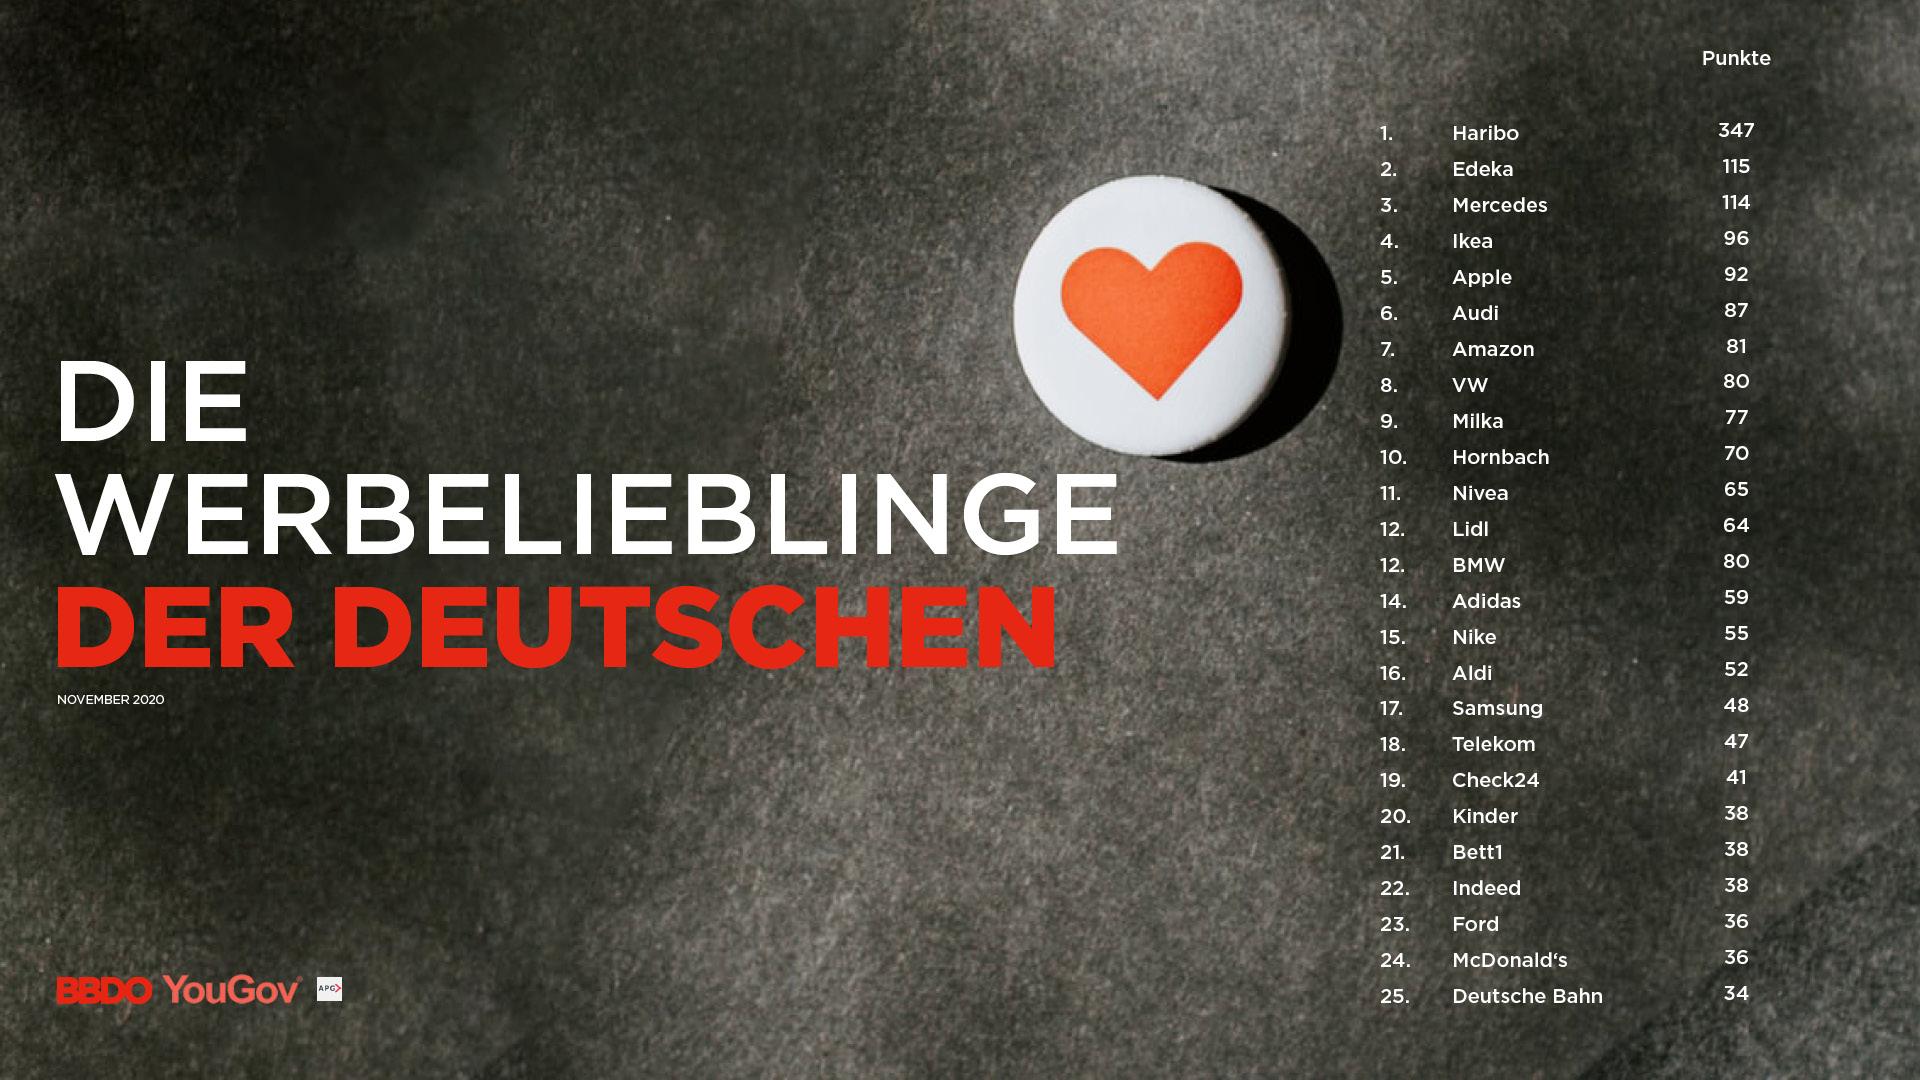 Werbelieblinge der Deutschen im November 2020